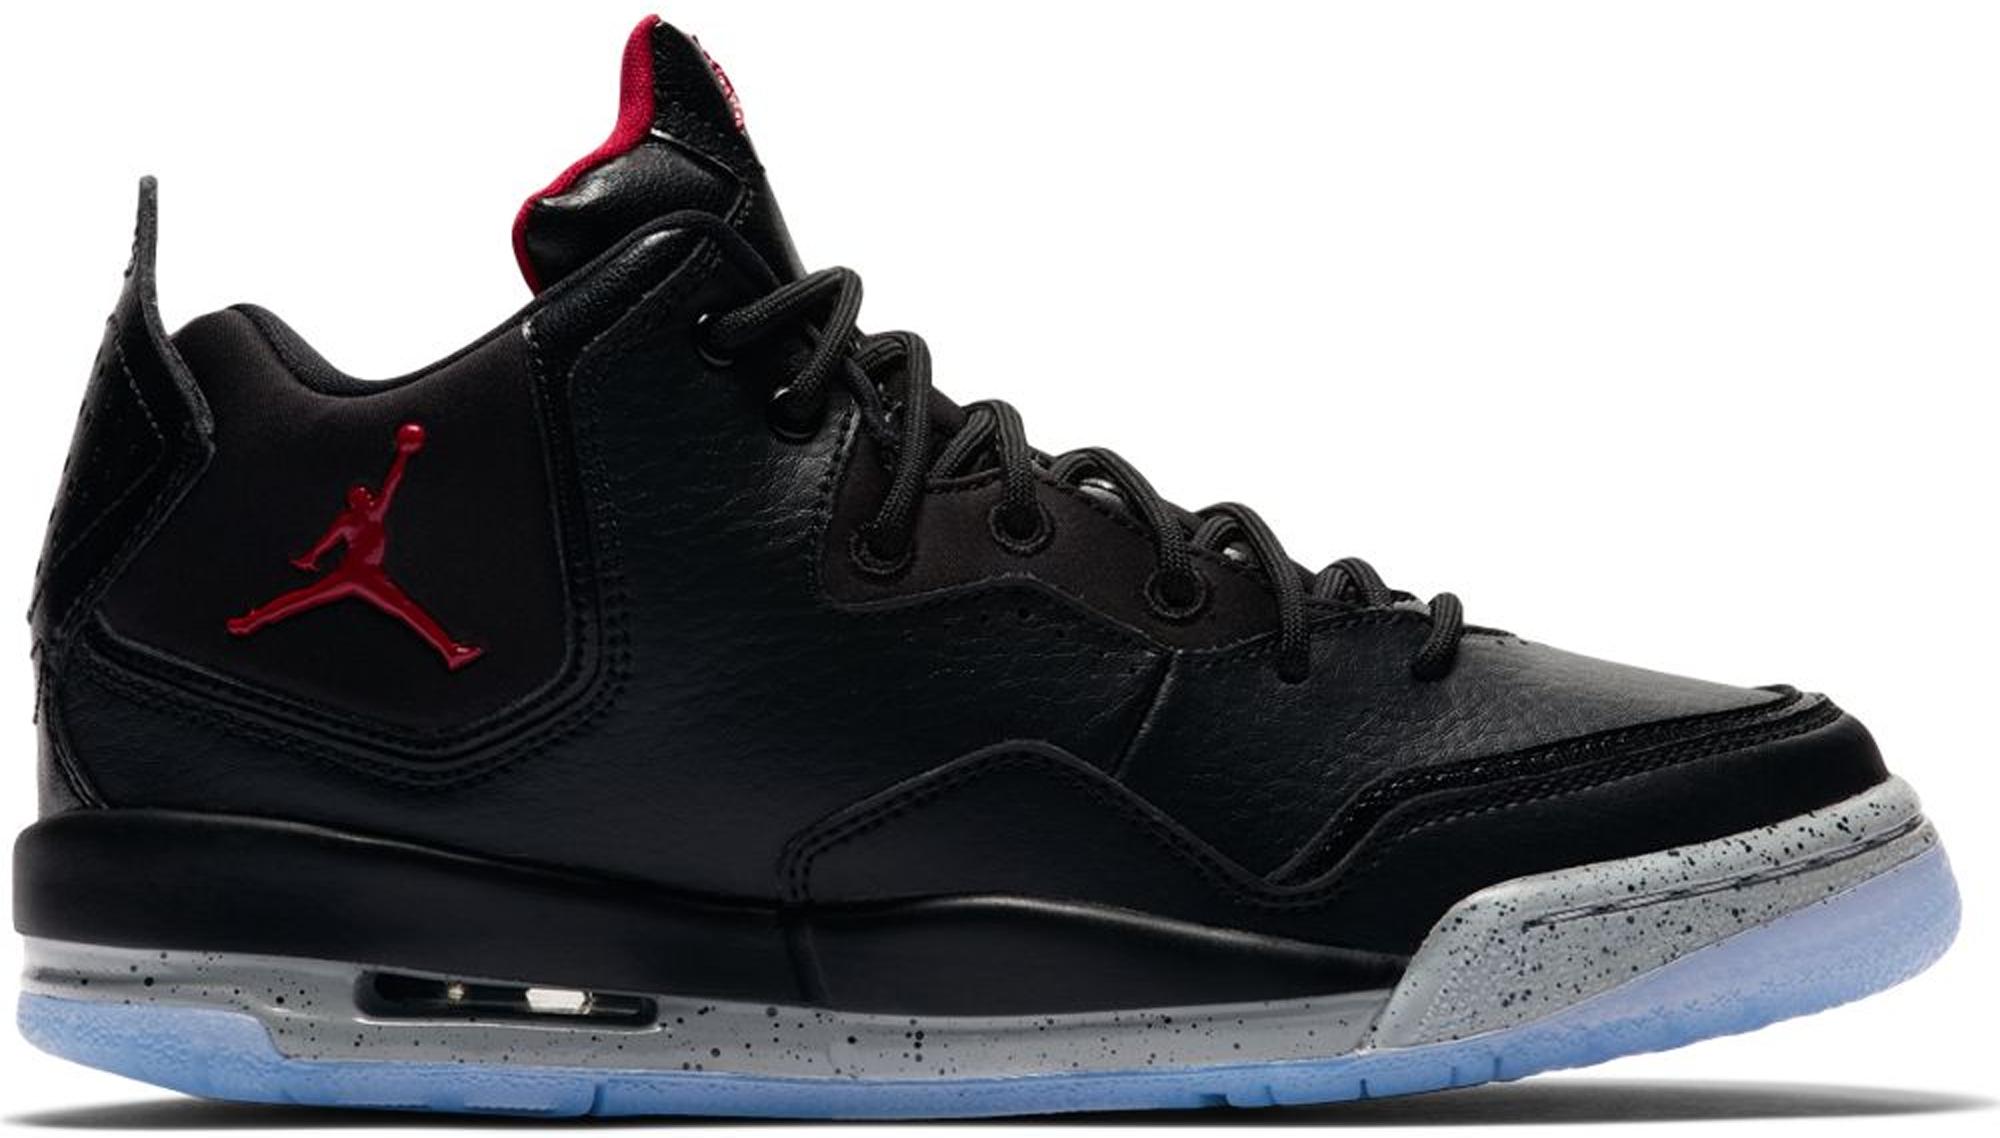 Jordan Courtside 23 Black Cement (GS